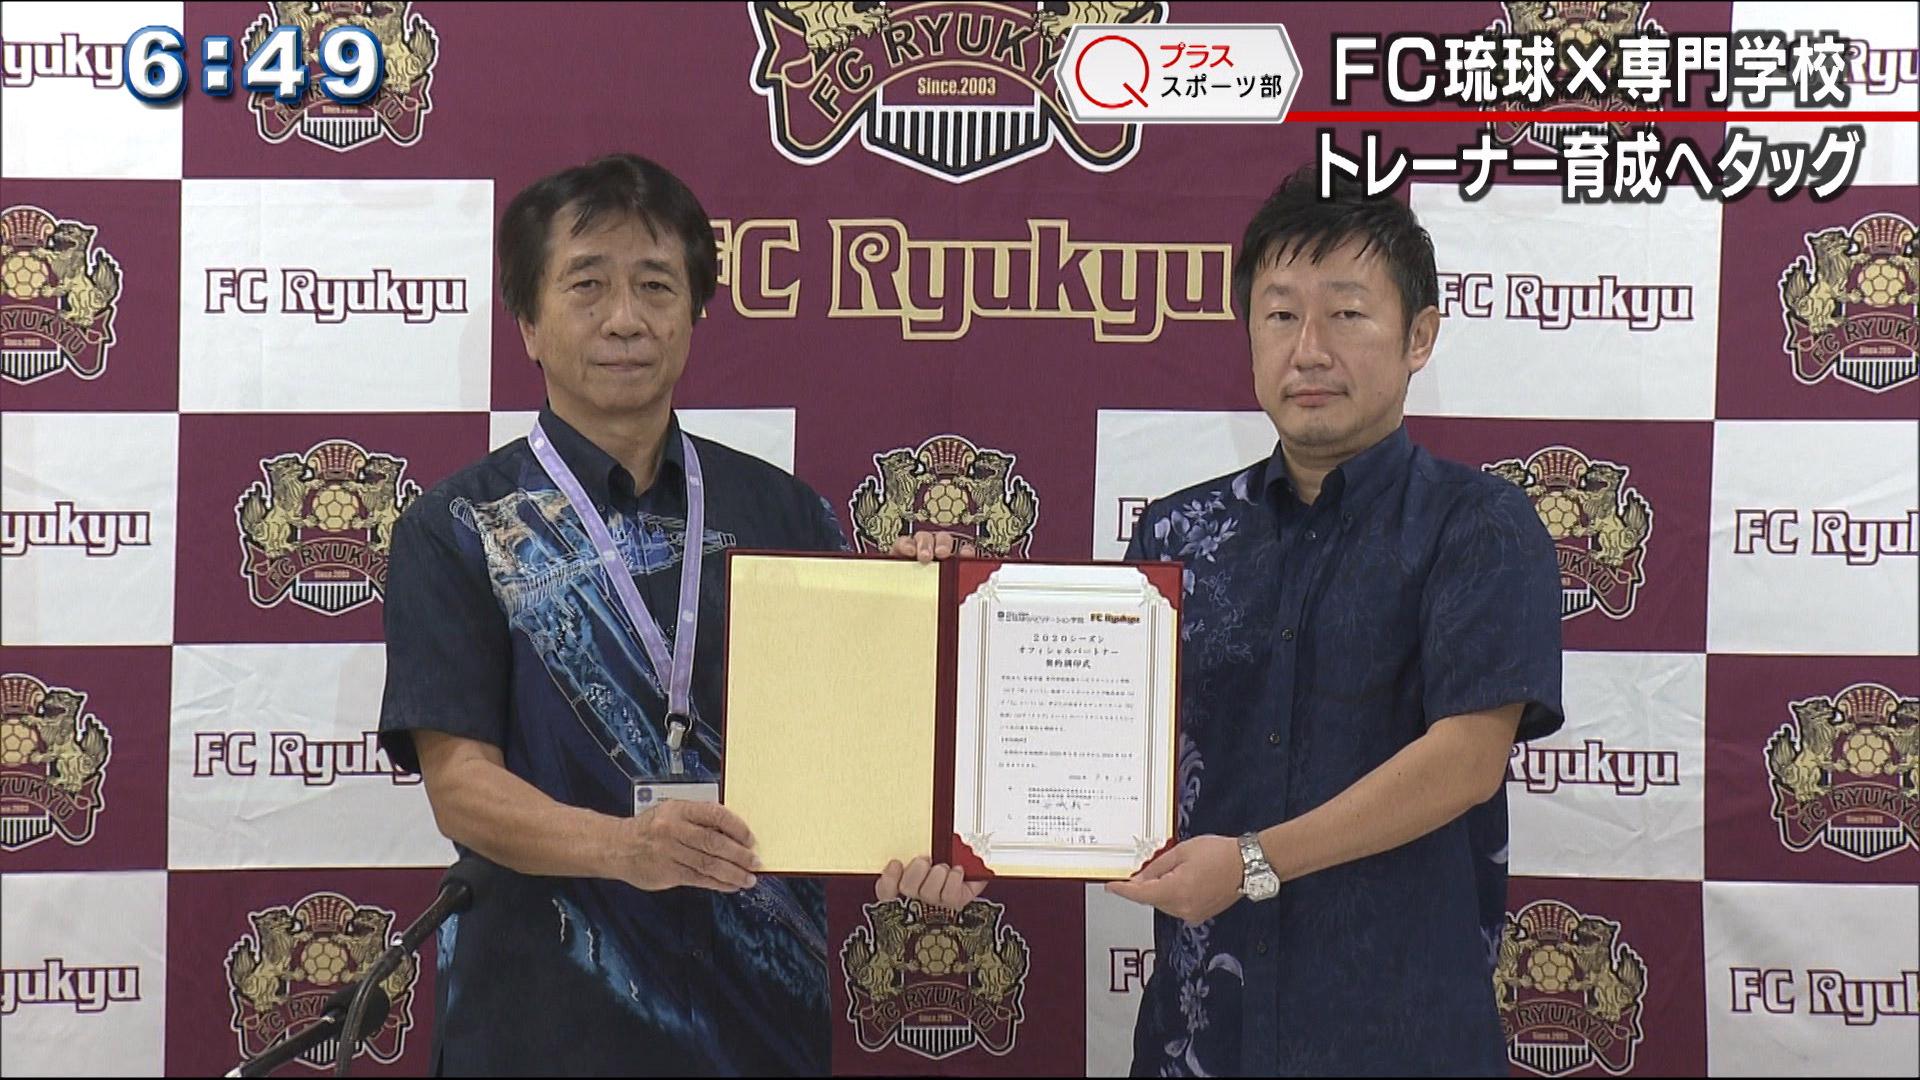 琉球リハビリテーション学院がFC琉球と提携